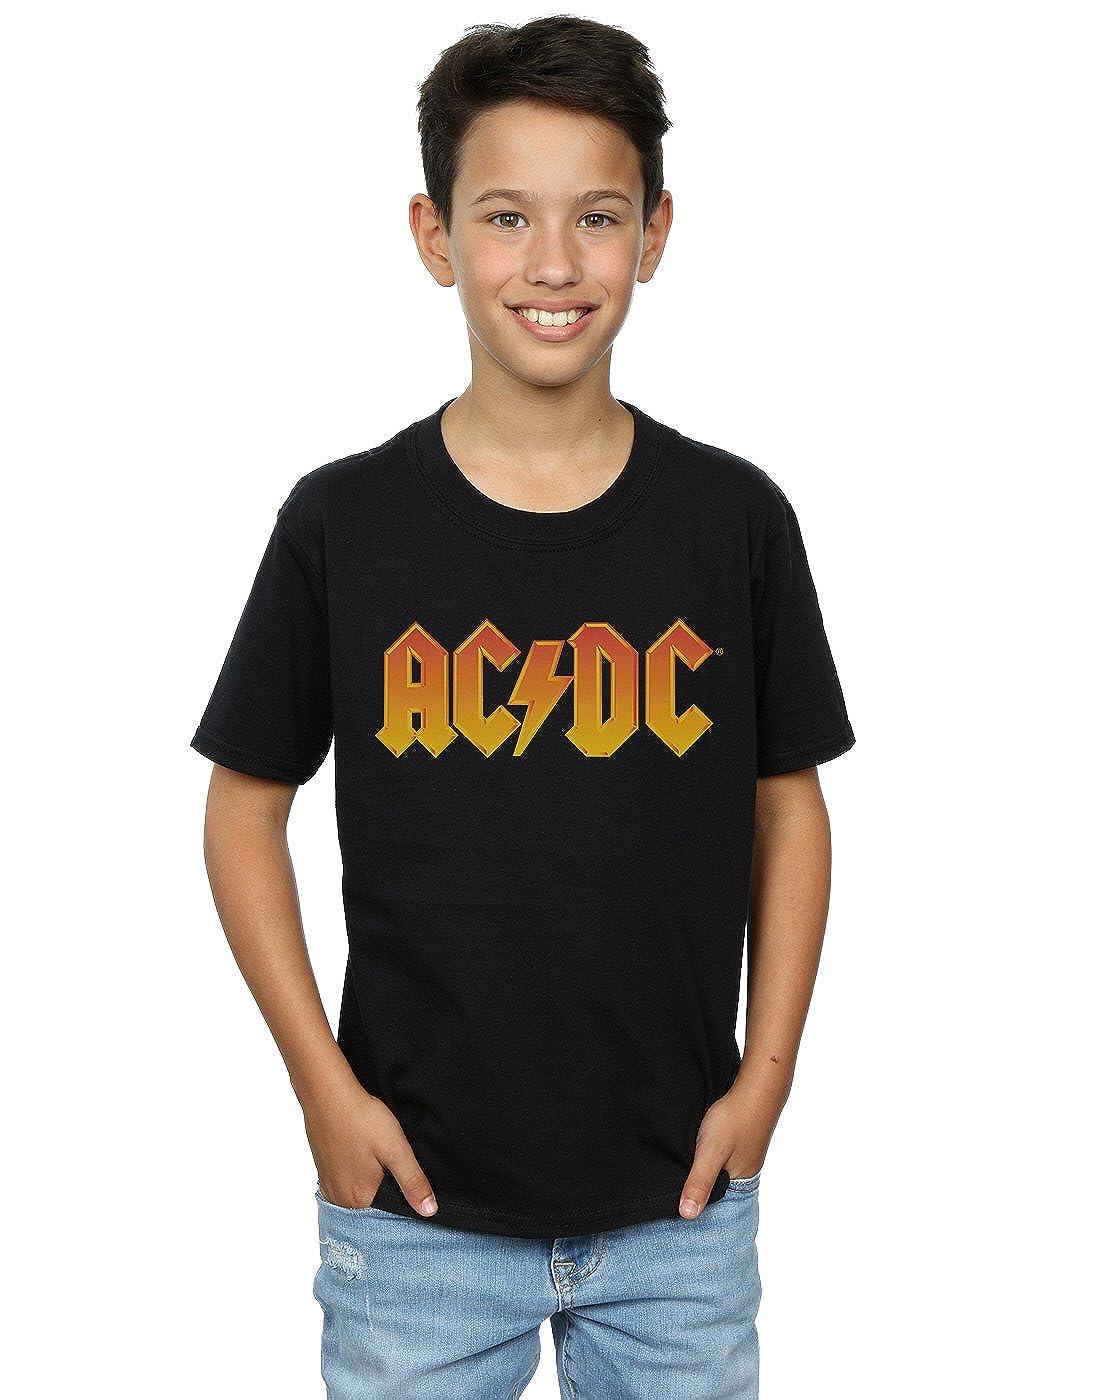 4f3cdbcbc AC DC niños Fire Logo Camiseta  Amazon.es  Ropa y accesorios